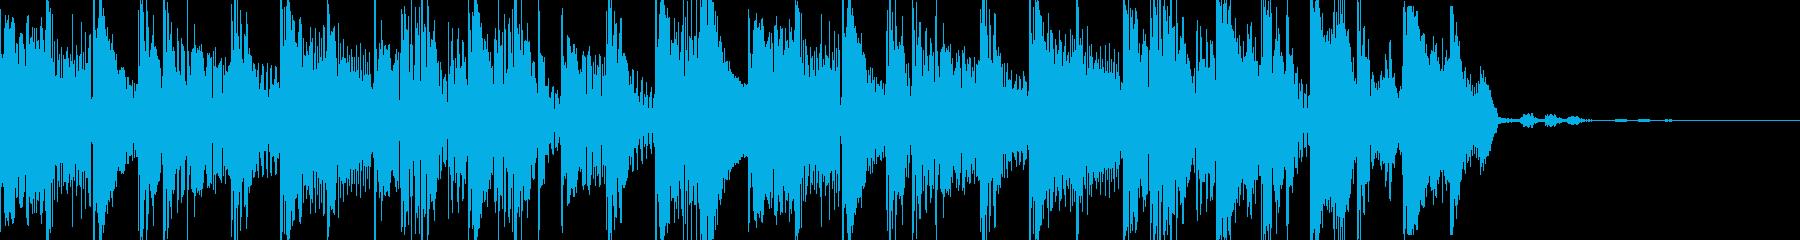 ベースハウスなシンキングタイム音の再生済みの波形